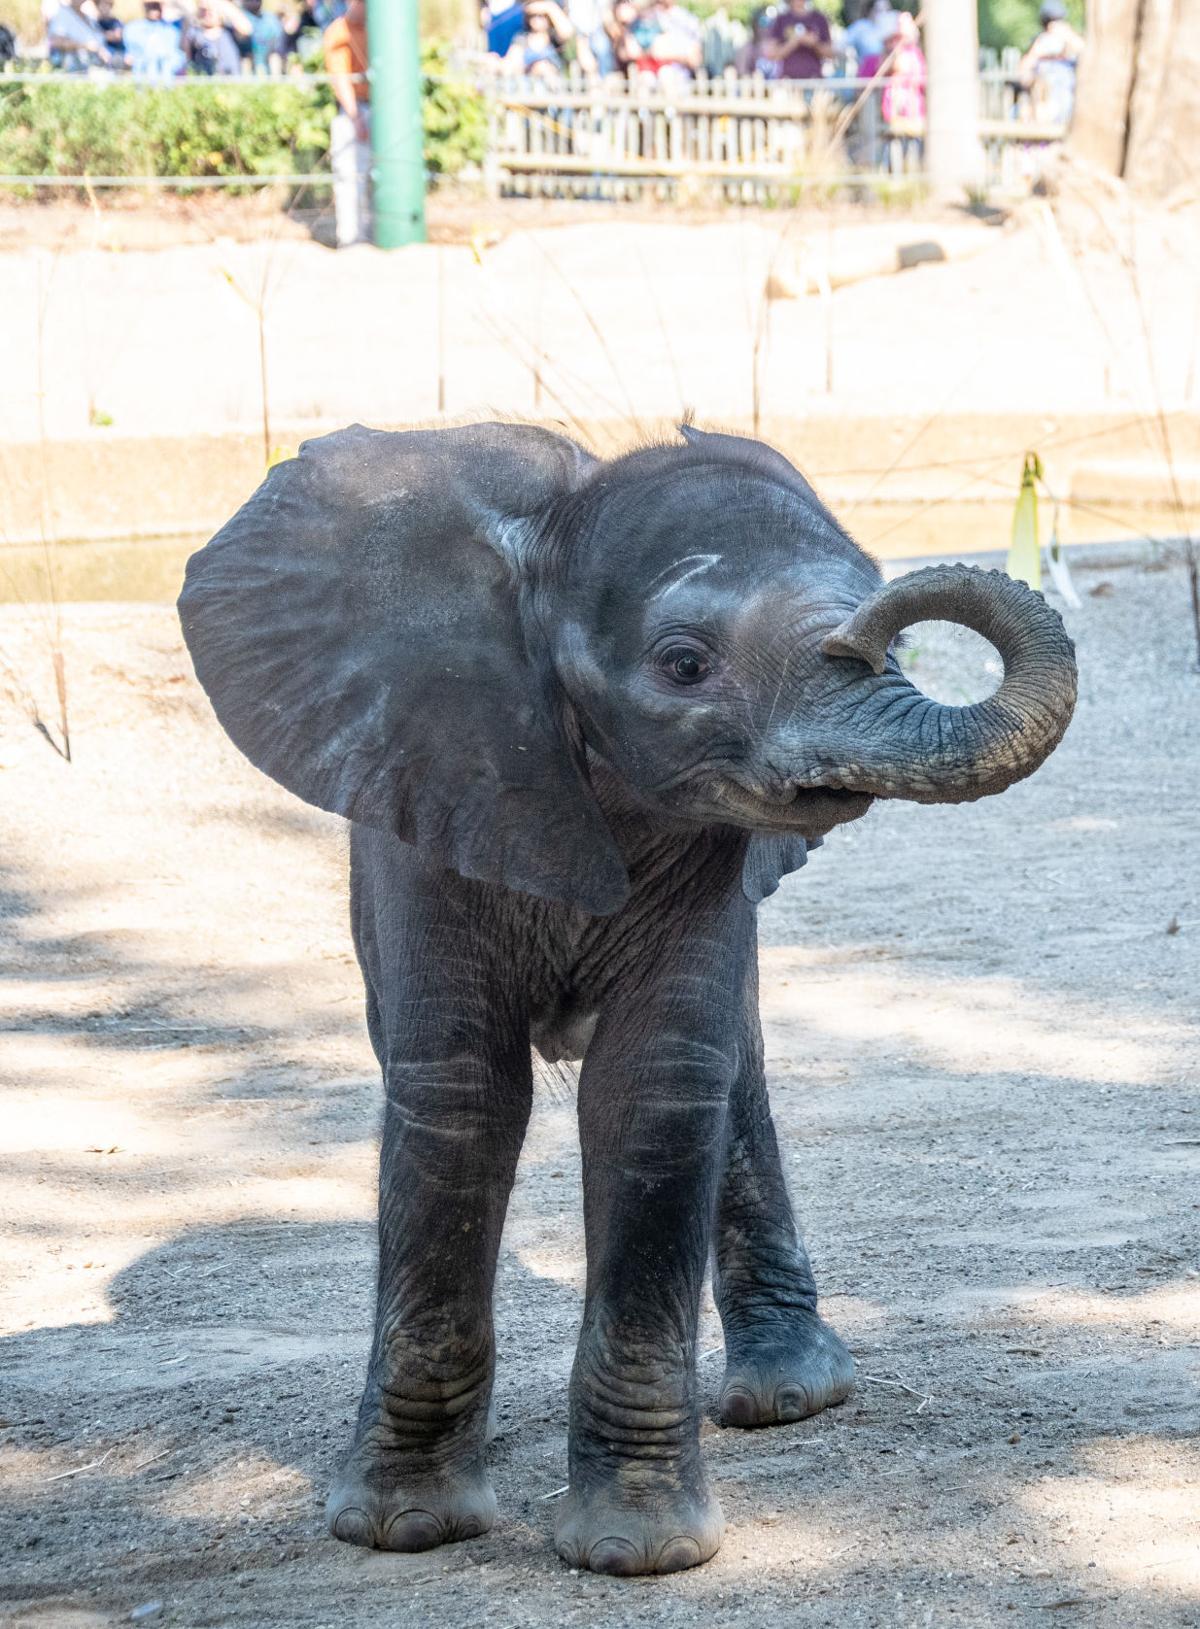 Baby elephant co Louisville zoo 1.jpg